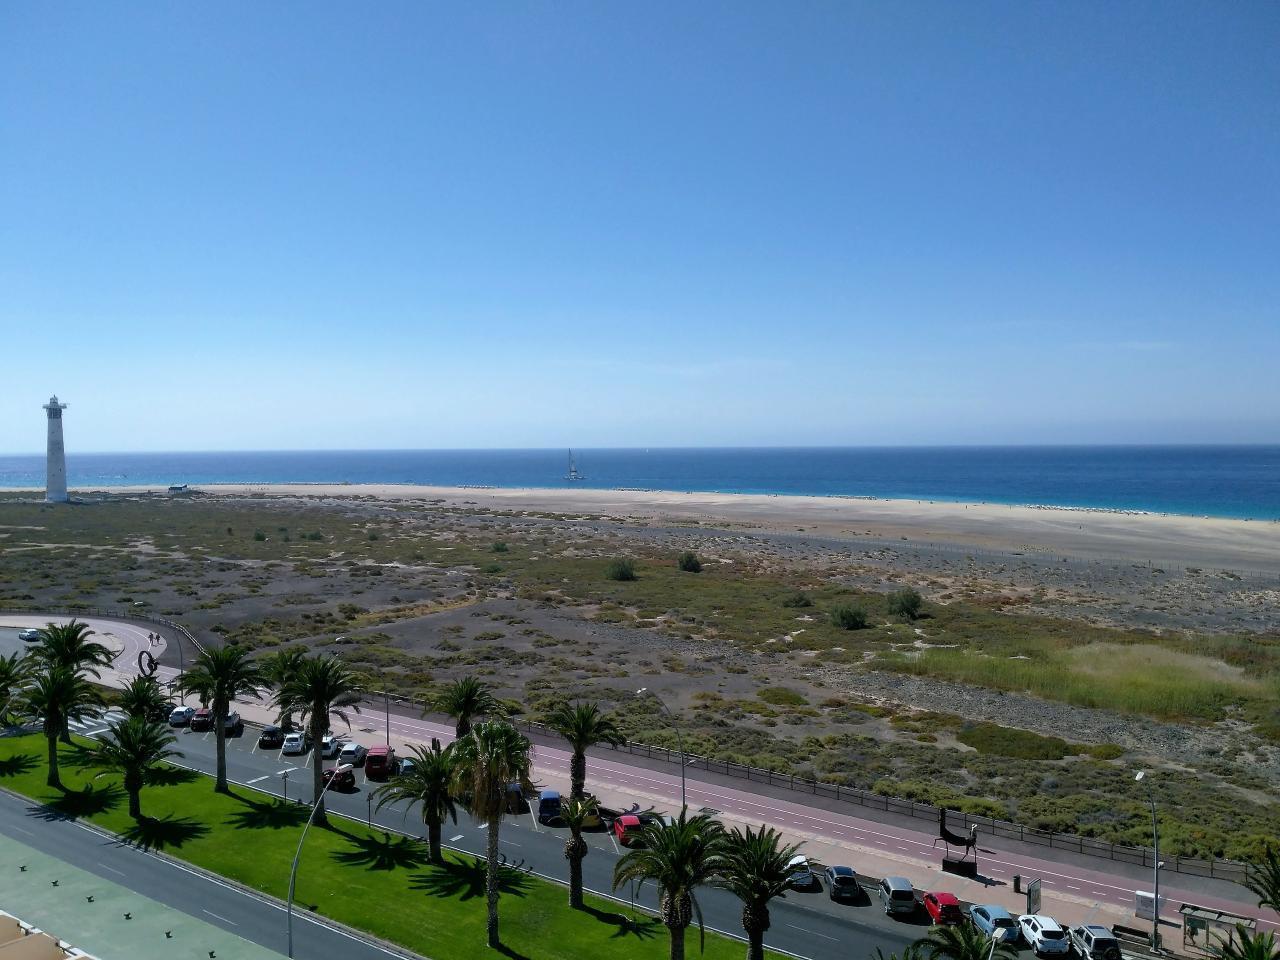 Ferienwohnung Apartment 2 / 4p am Strand und mit allen Dienstleistungen, mit Meerblick, Swimmingpools, a (487787), Morro Jable, Fuerteventura, Kanarische Inseln, Spanien, Bild 18